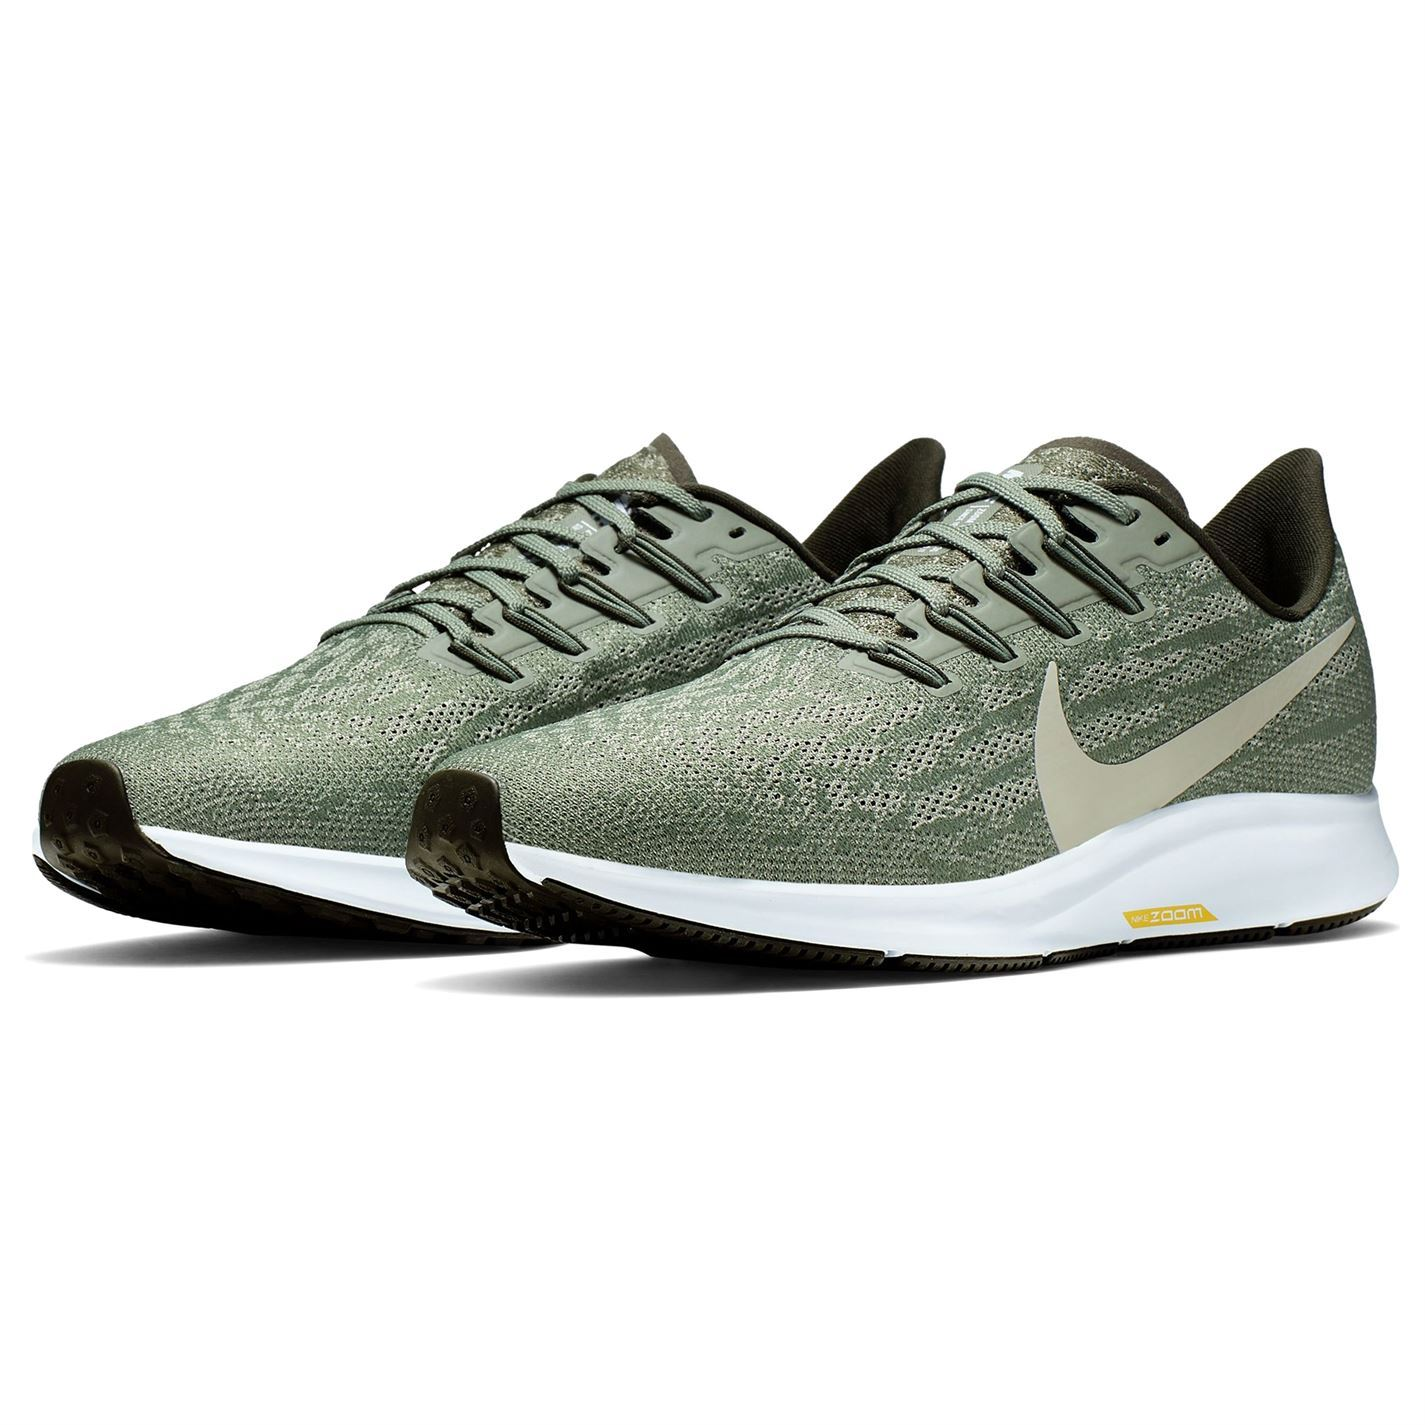 buy online f6bef 77548 Details about Nike Air Zoom Pegasus 36 Mens Running Shoes Trainers Footwear  Sneakers